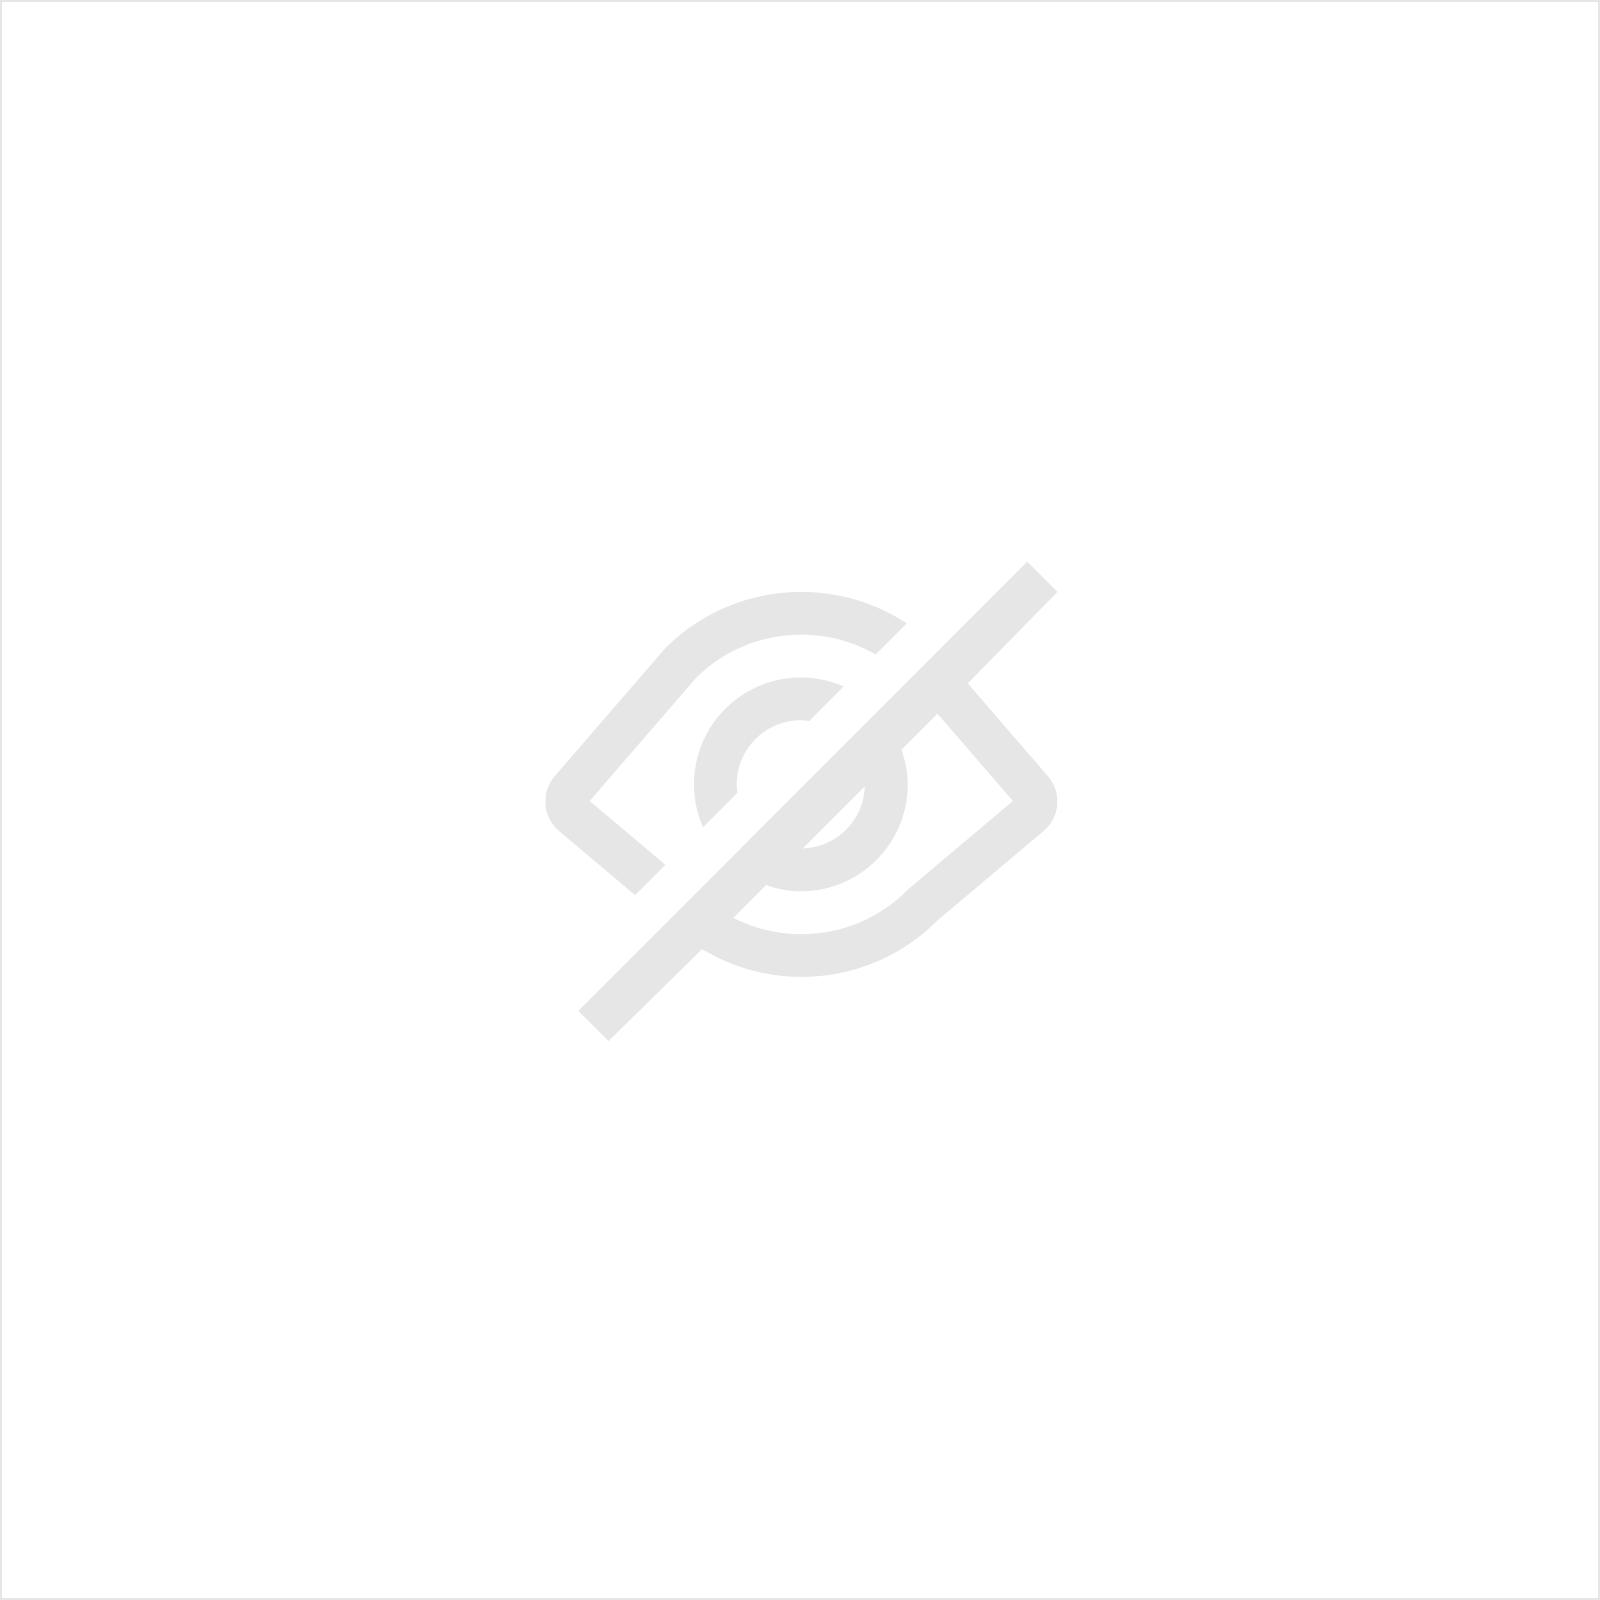 JEU DE MOLETTES OPTIONNELLES - 30° ANGLE ROLL - POUR BORDEUSE MOULUREUSE